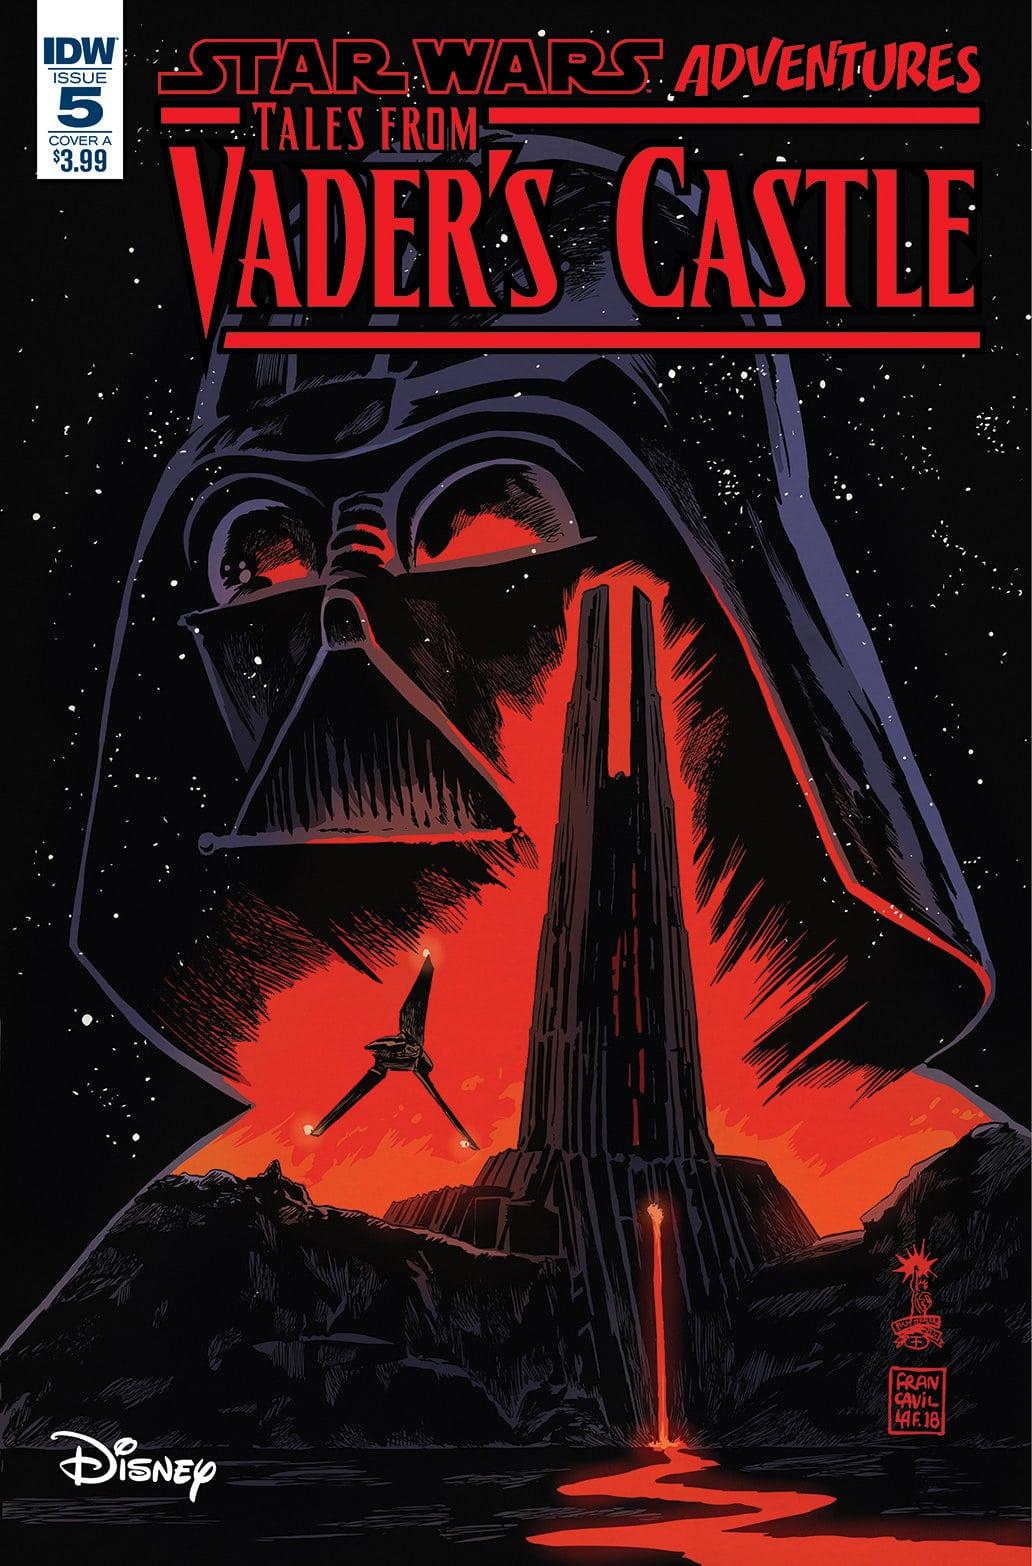 Star Wars Adventures: Tales from Vader's Castle para entregar historias espeluznantes en una galaxia muy, muy lejana